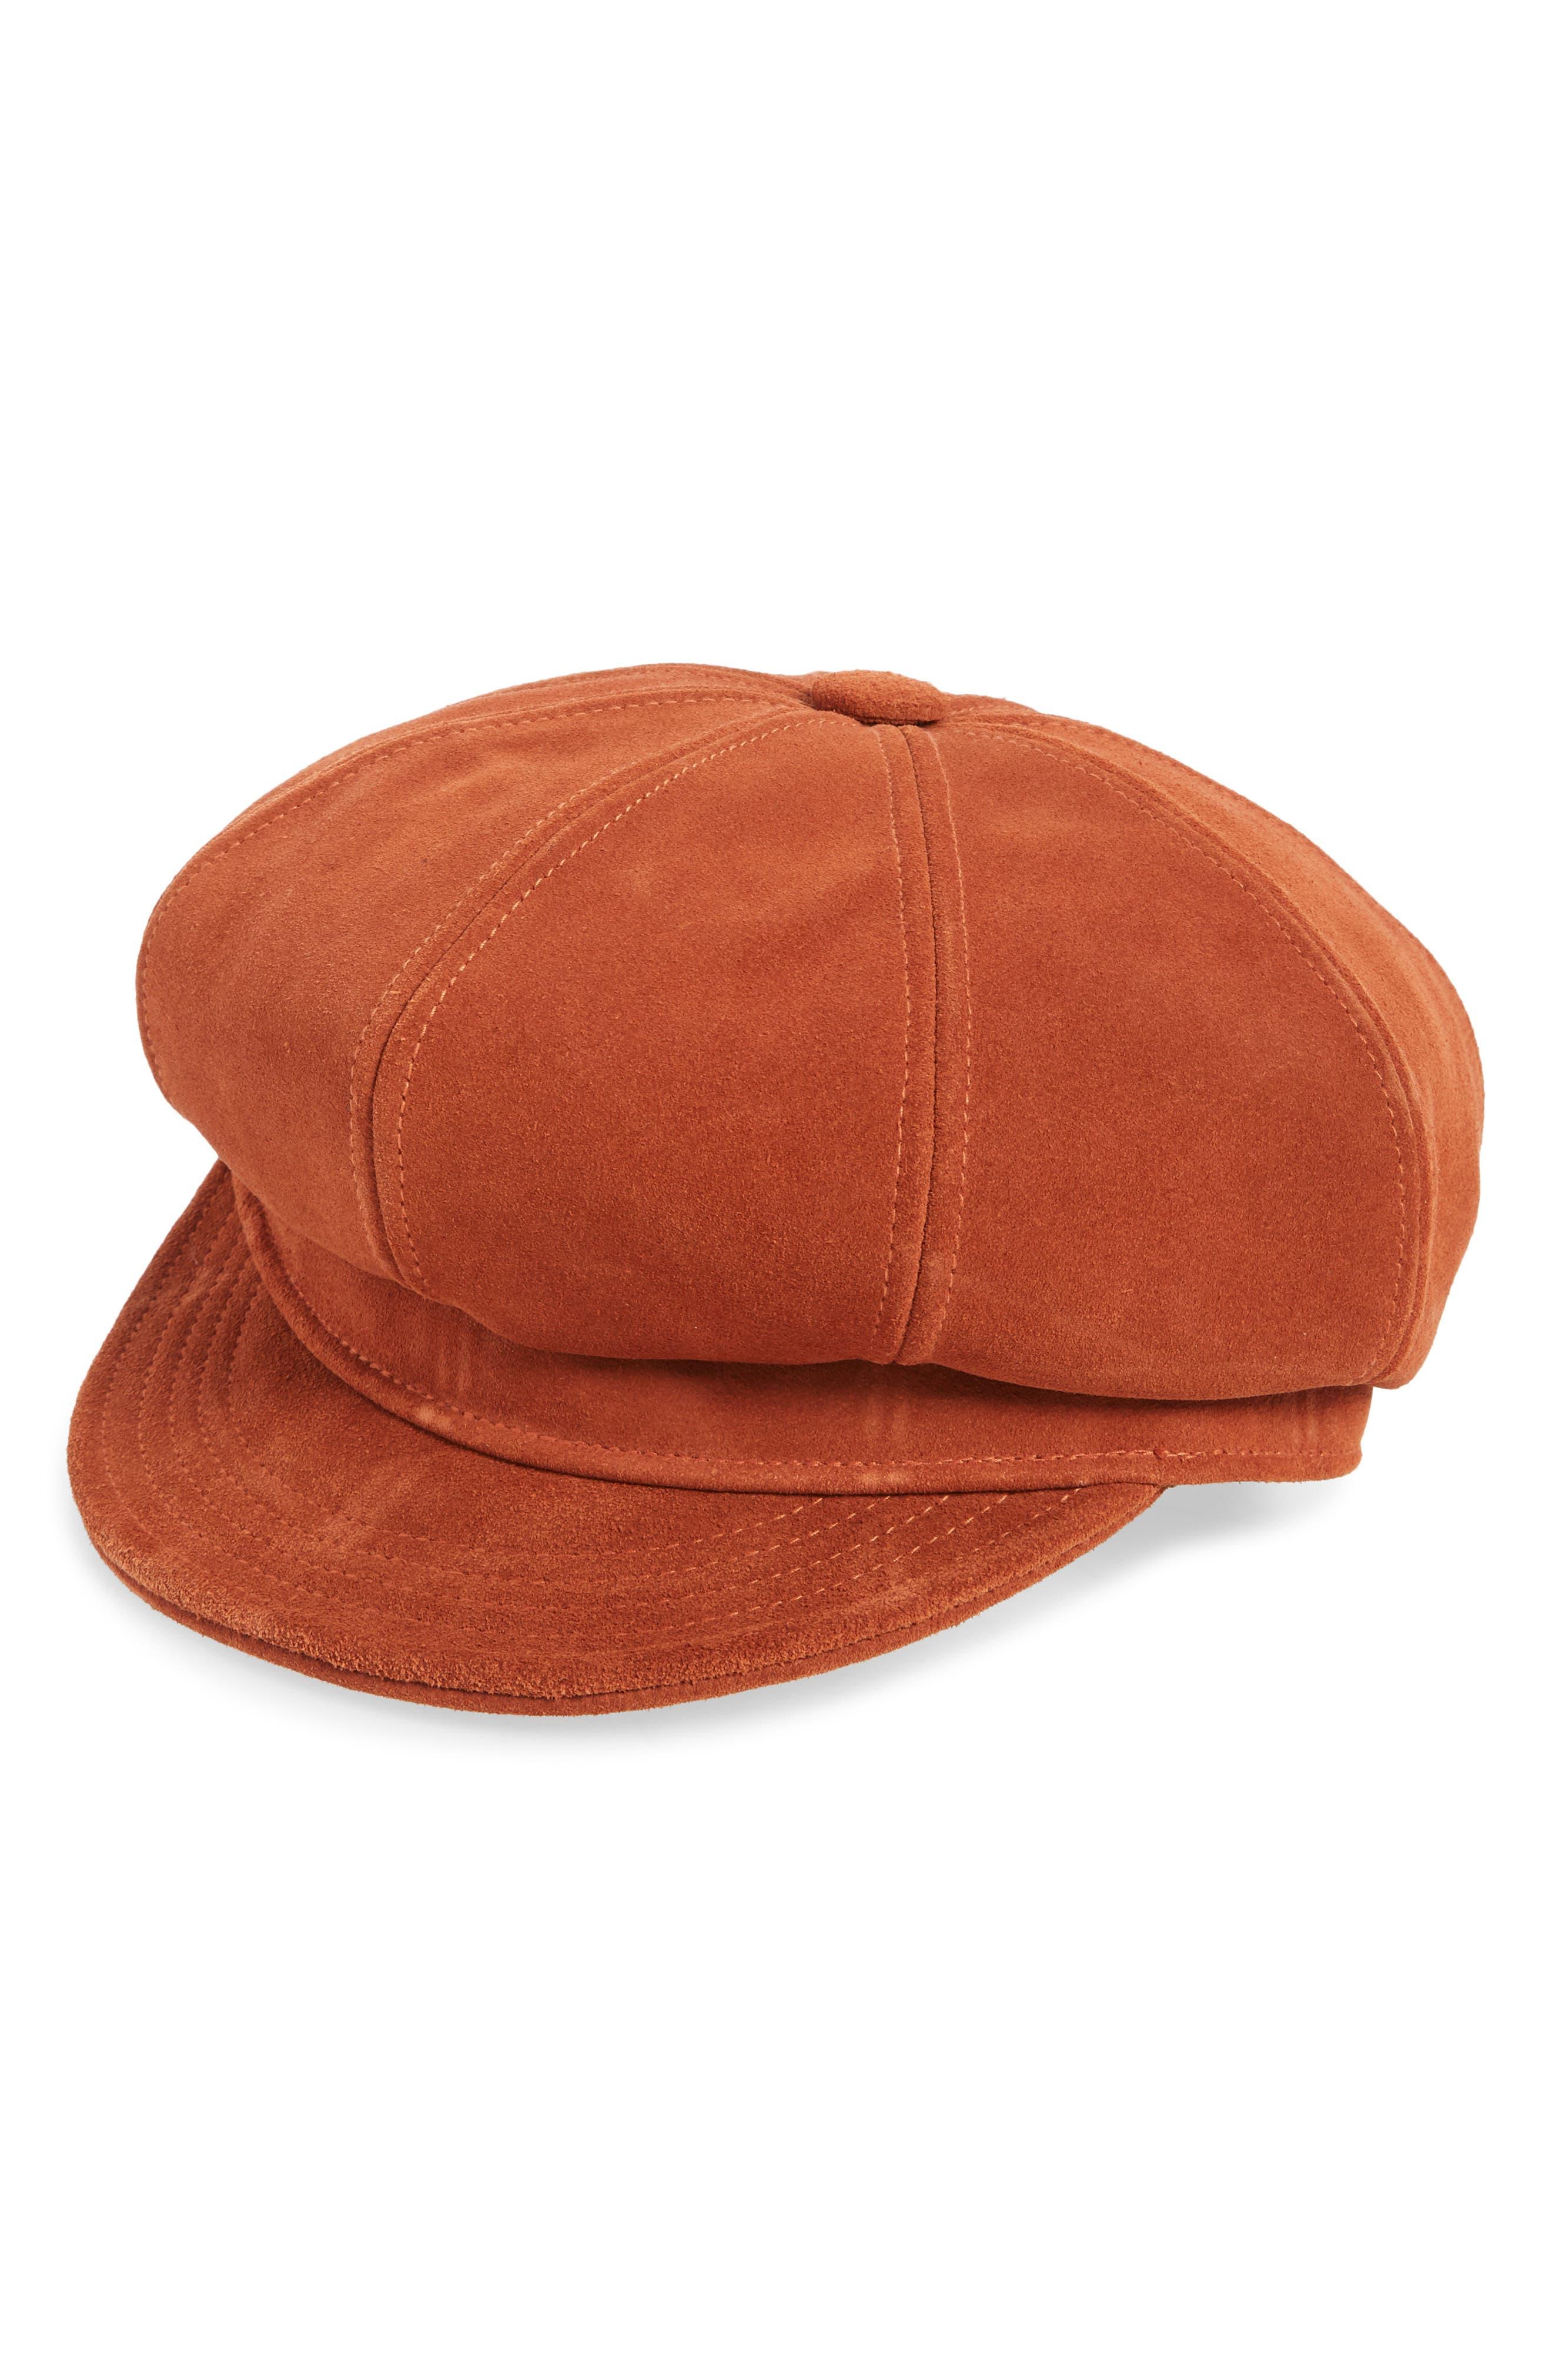 . Auburn Newsboy Cap